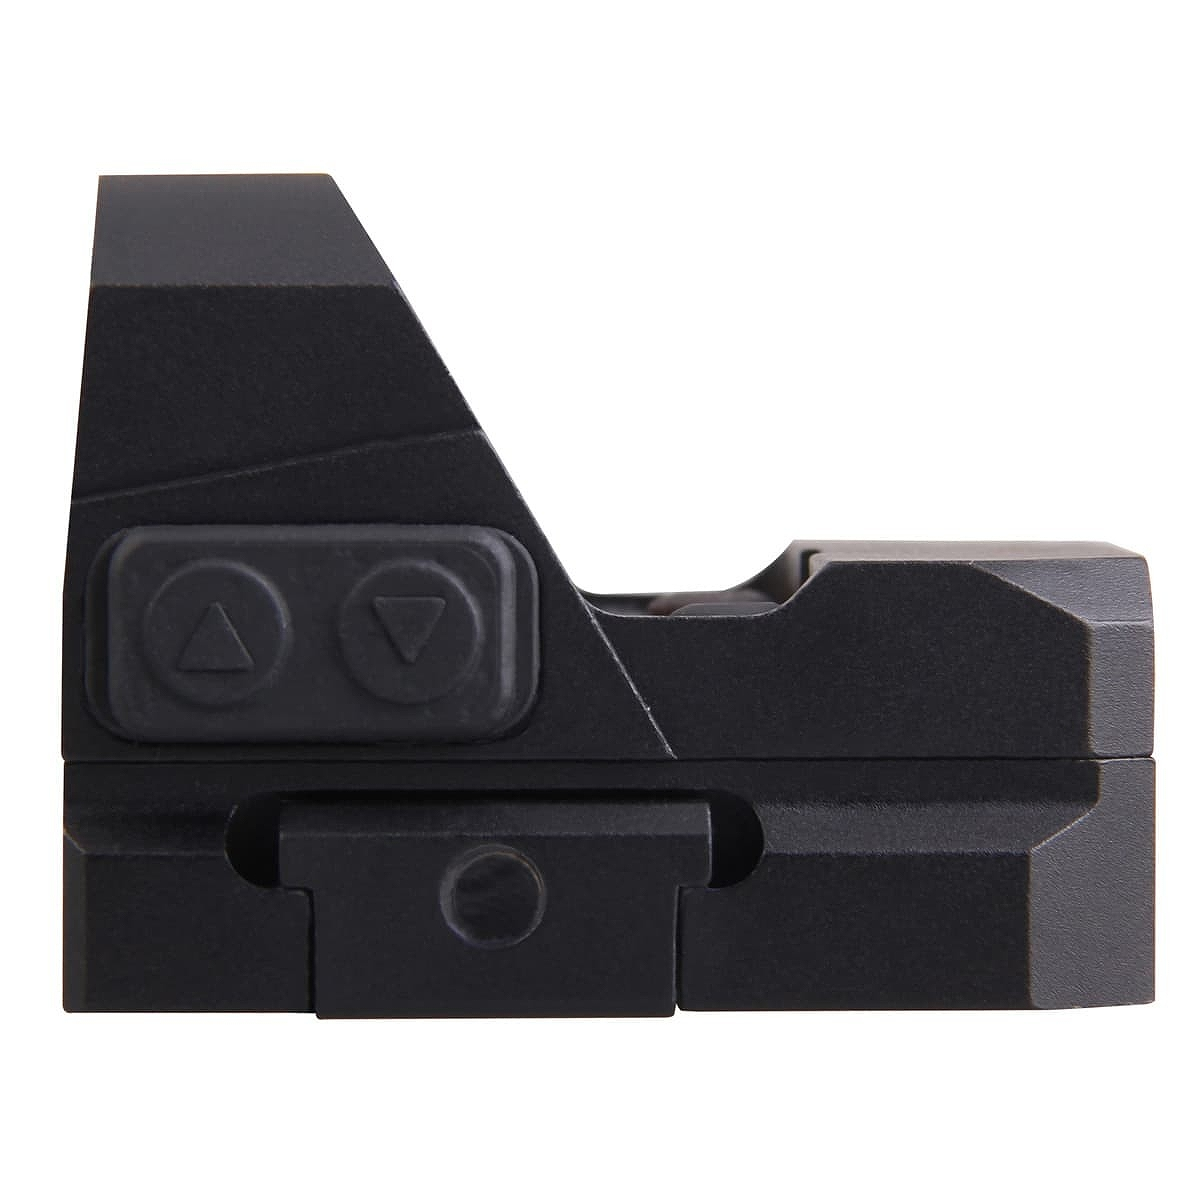 ベクターオプティクス ドットサイト フレンジー 1x17x25 GenII  Vector Optics SCRD-19II